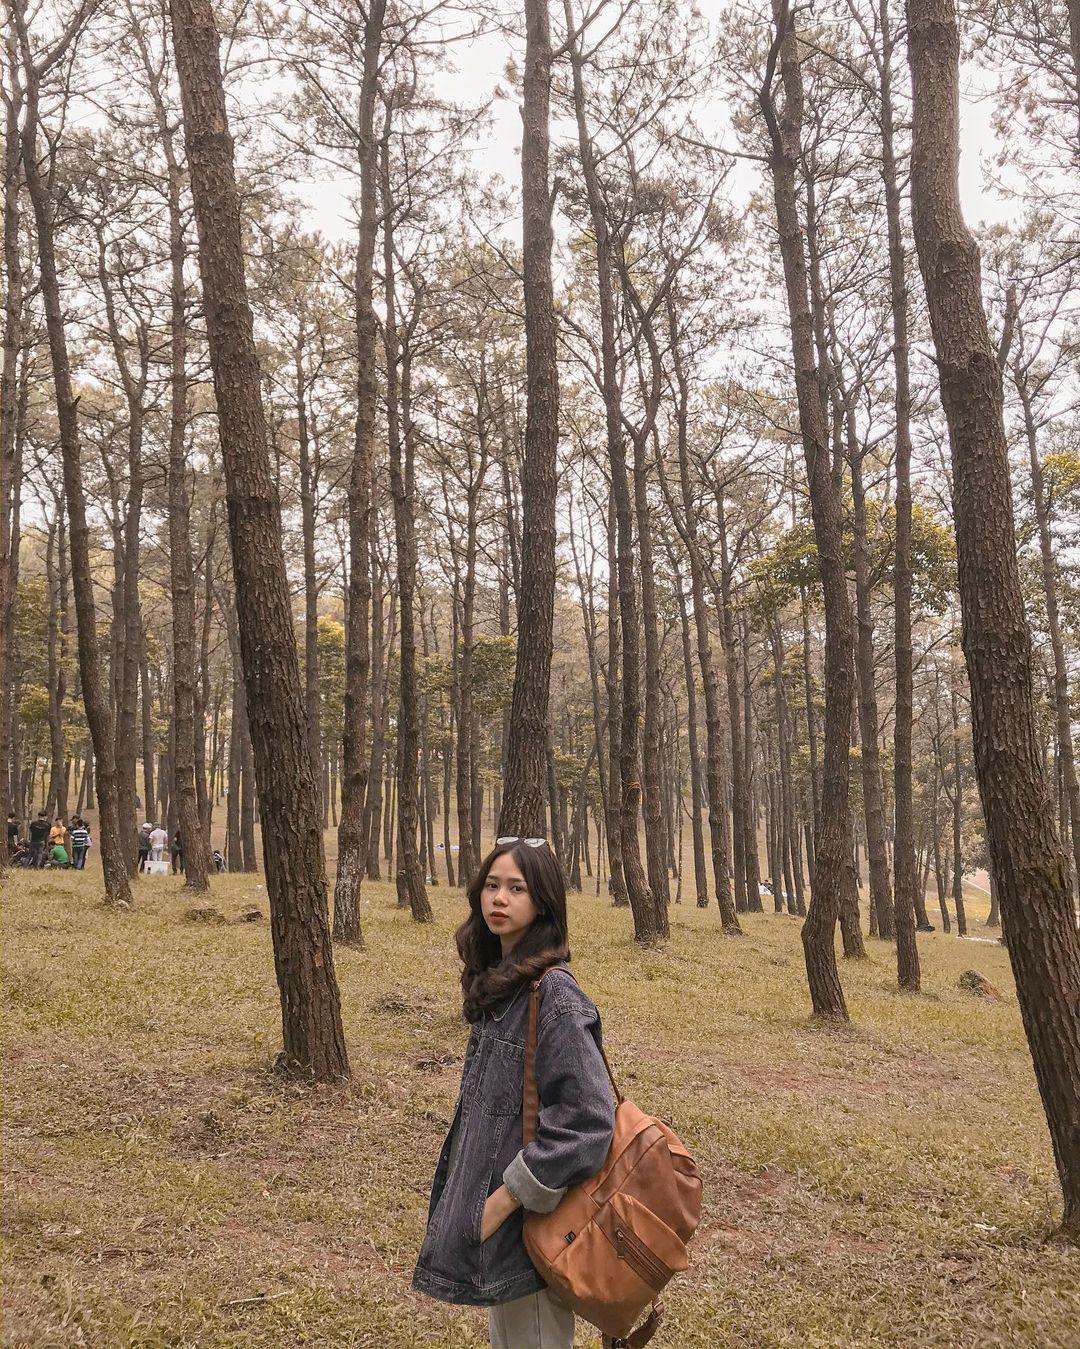 Nhiều khu rừng thích hợp để bạn cắm trại. Hình: @thuynhung141199